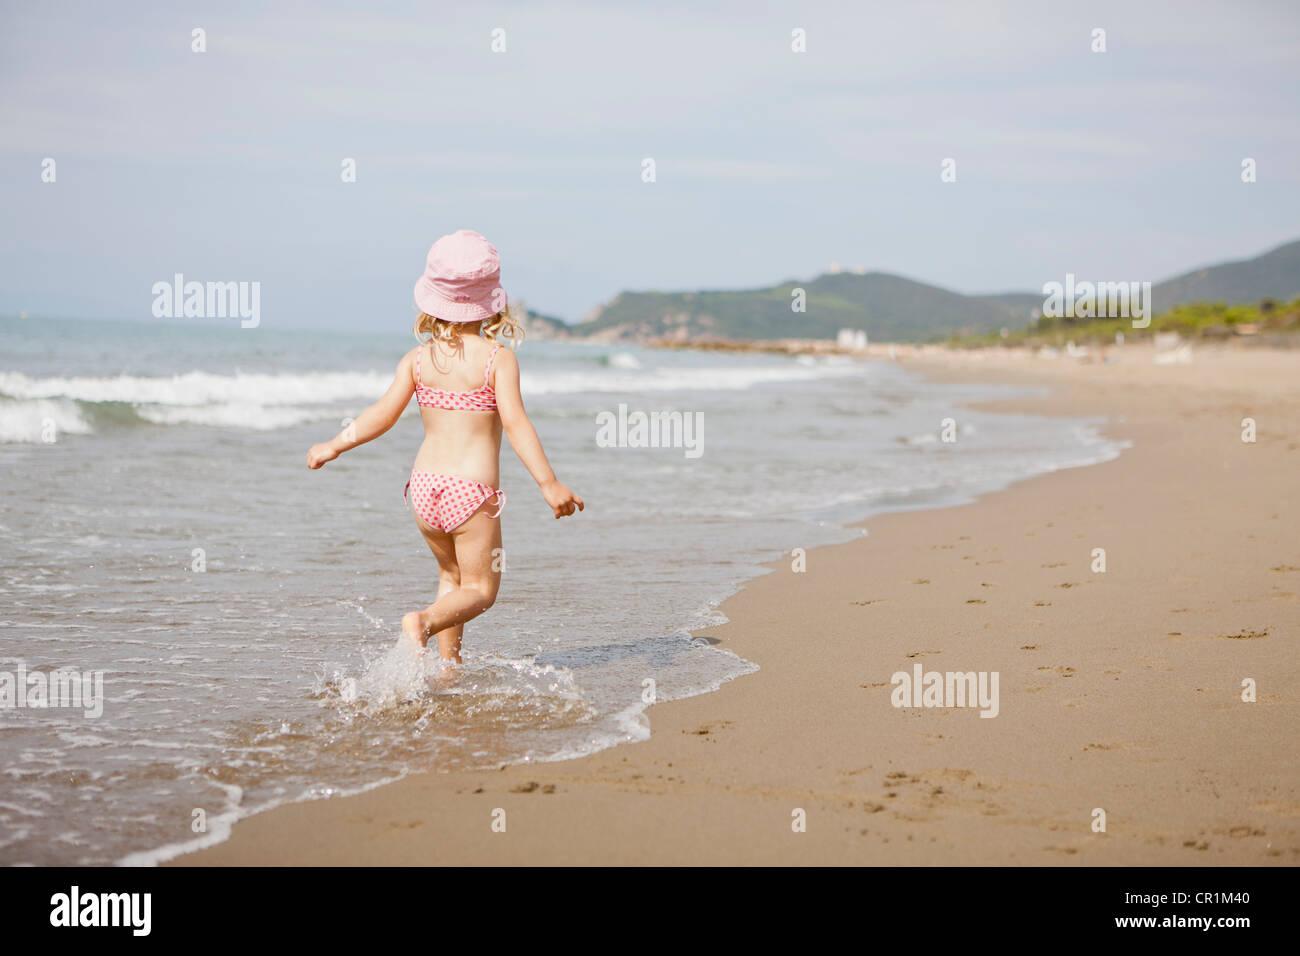 Mädchen in Wellen am Strand zu Fuß Stockbild